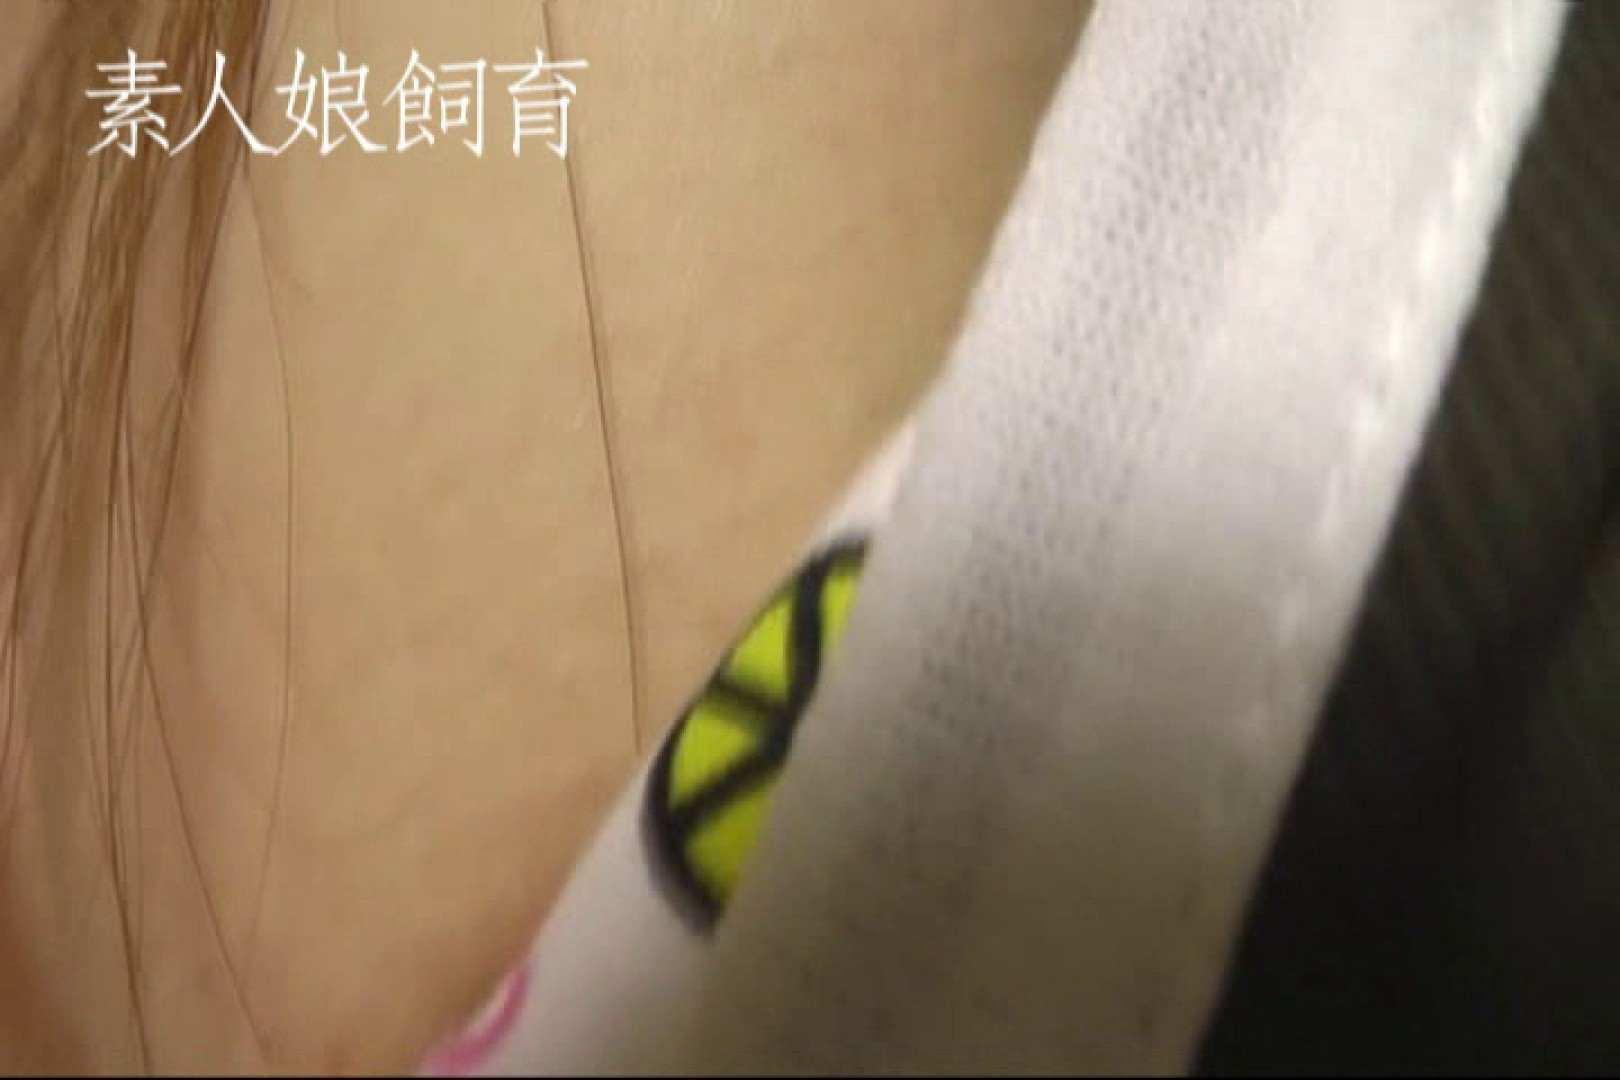 素人嬢飼育~お前の餌は他人棒~公衆トイレ 一般投稿 盗み撮り動画 49pic 7